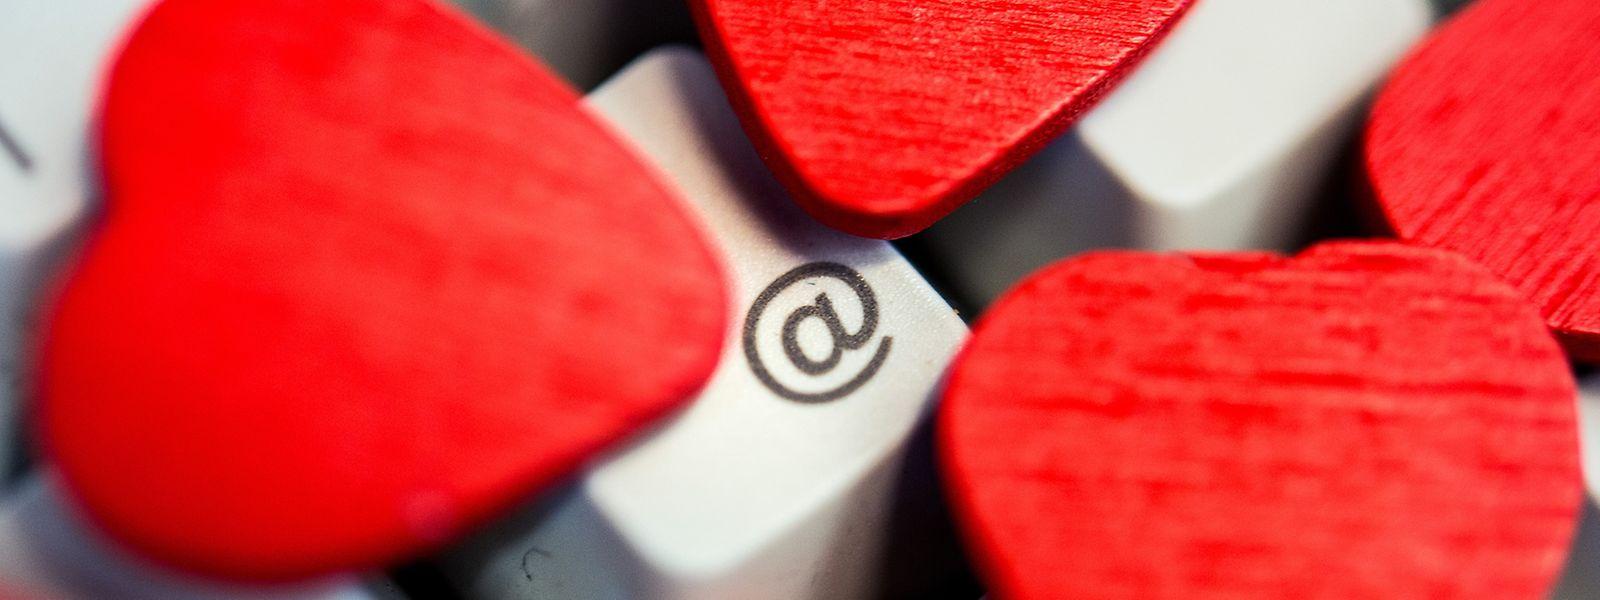 Online lassen sich oft schneller Kontakte knüpfen, als im Alltag. Die große Liebe steckt aber nur selten dahinter.